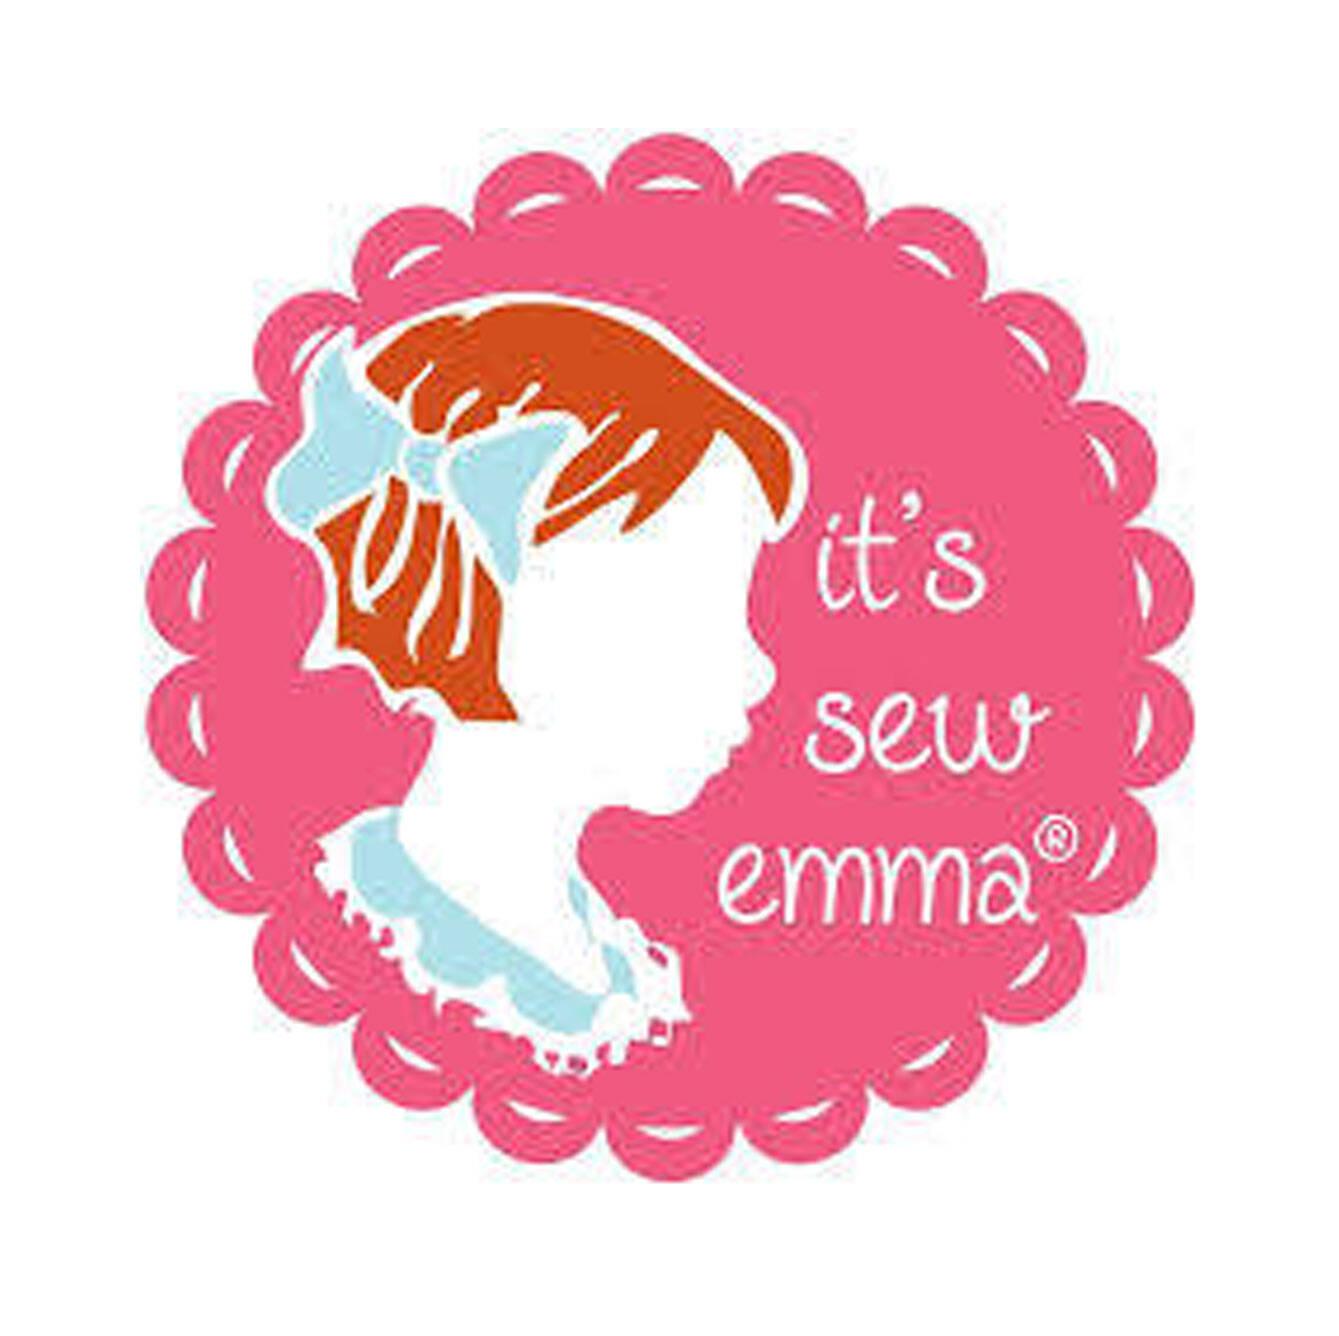 It's Sew Emma